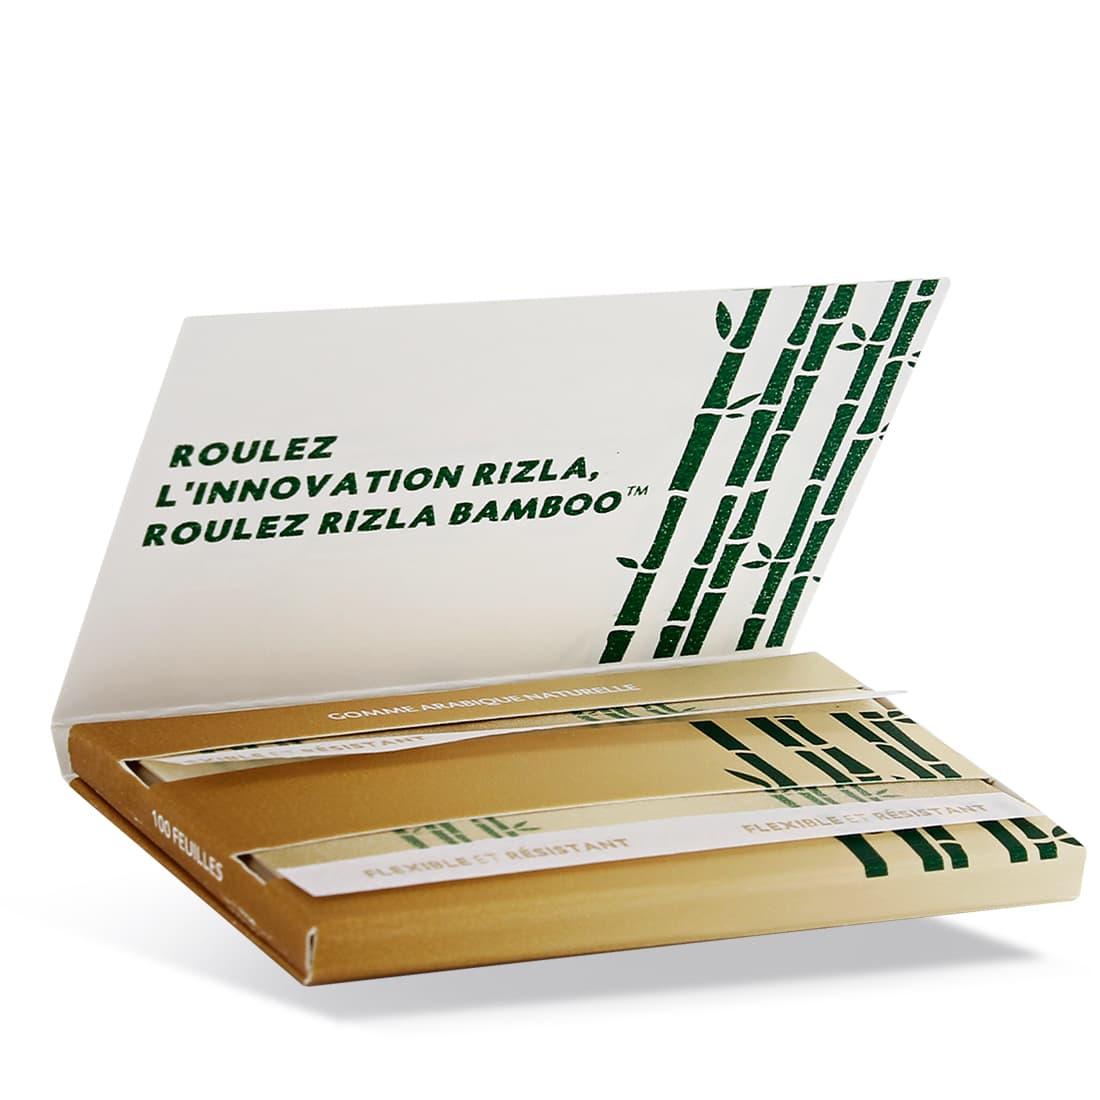 Photo #1 de Papier à rouler Rizla + Bamboo x 10